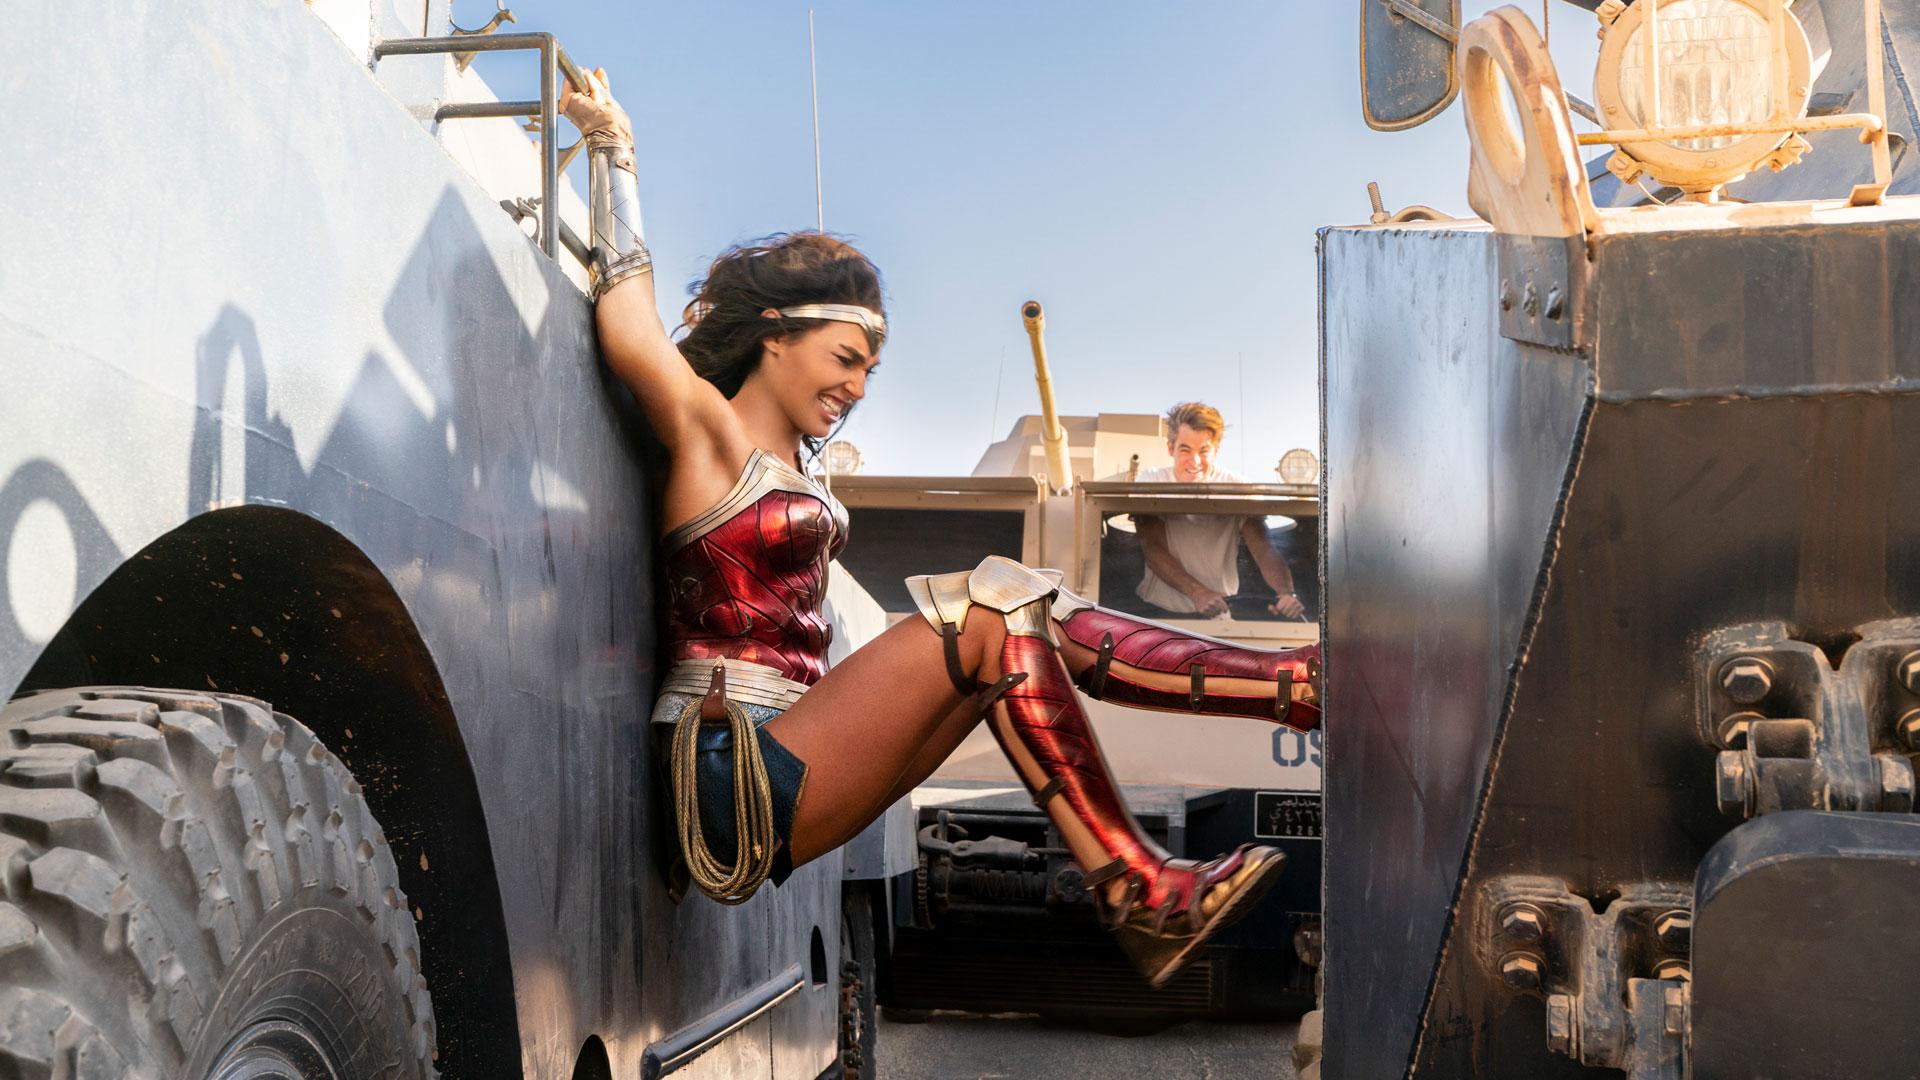 Wonder Woman mit vollem Körpereinsatz im Kampf.